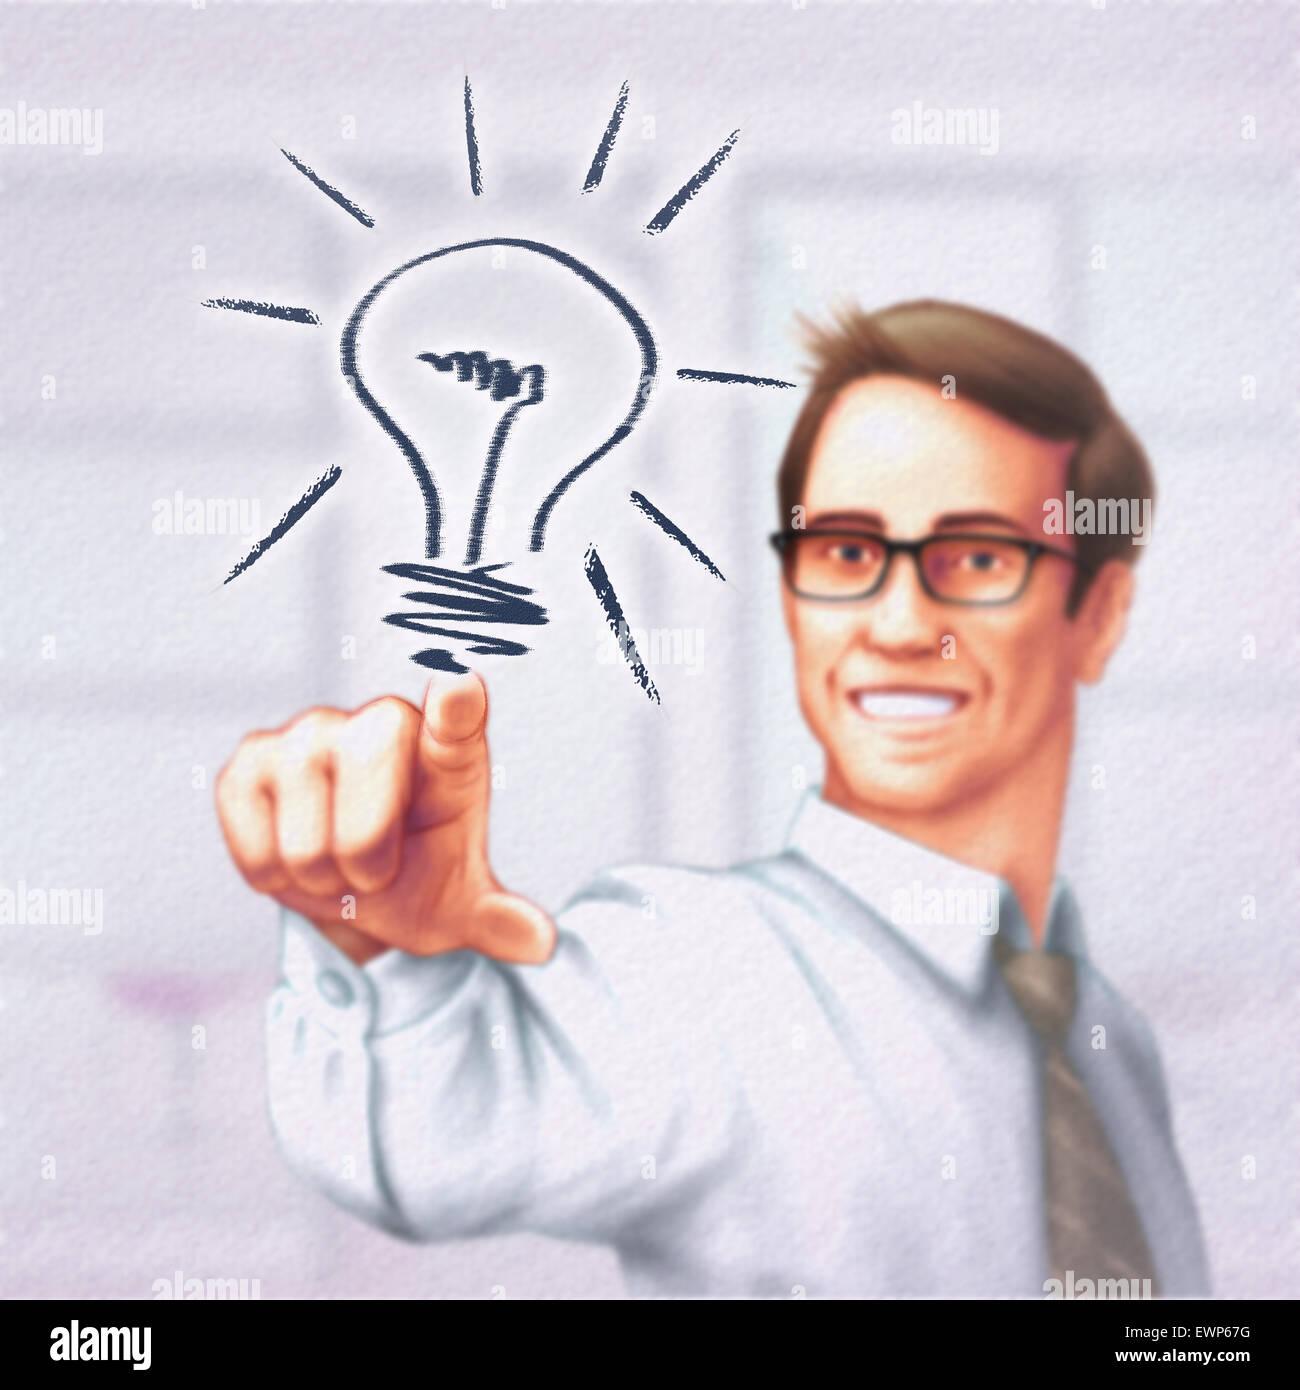 La définition de la stratégie d'affaires pour les projets d'avenir Photo Stock